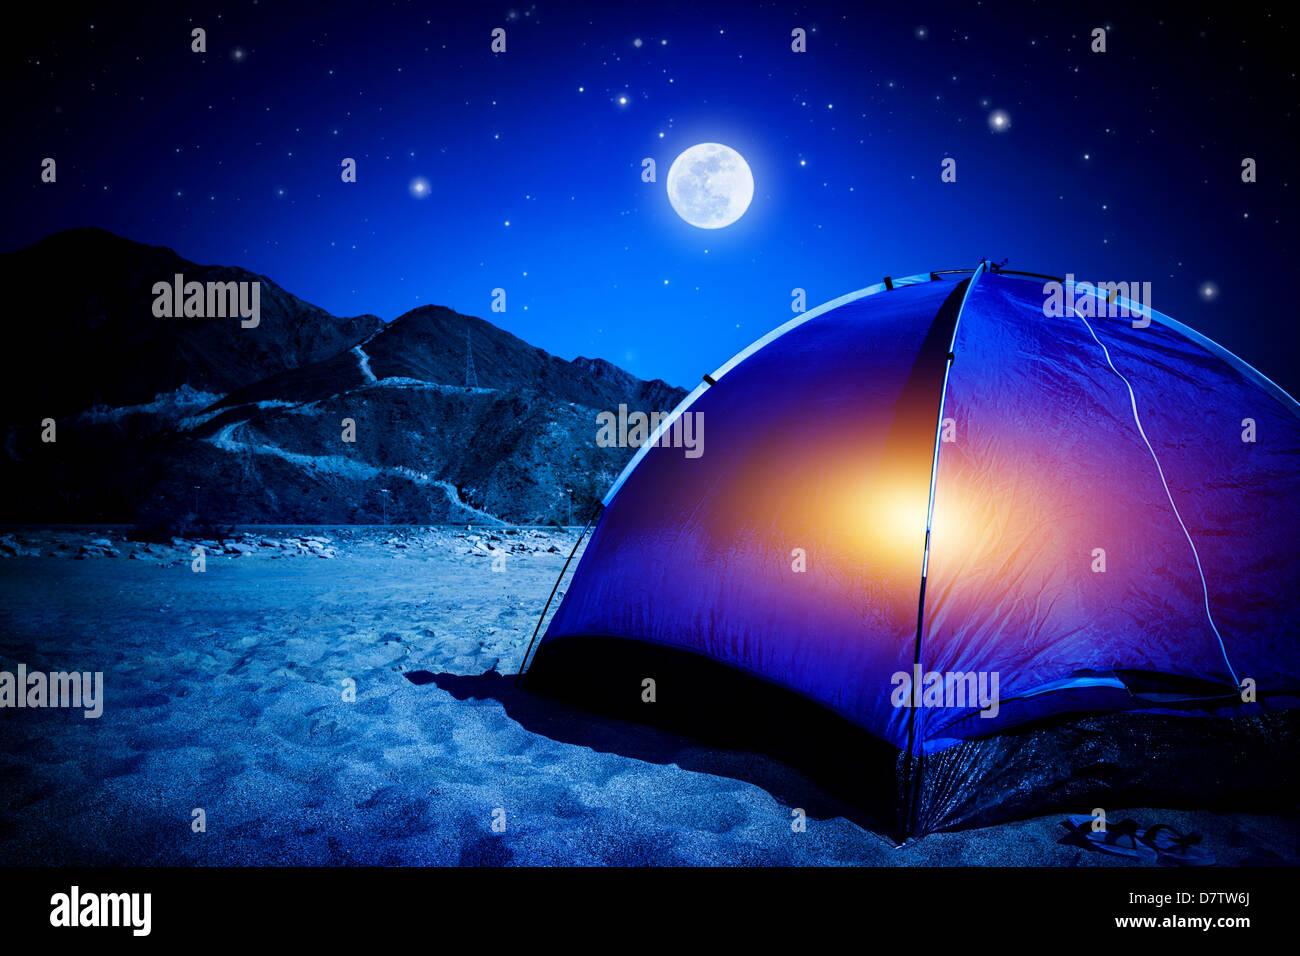 Camp am Sandstrand, Zelt nachts mit Licht im Inneren, Mondlicht, Aktivurlaub, Wandern und Reisen Konzept Stockbild